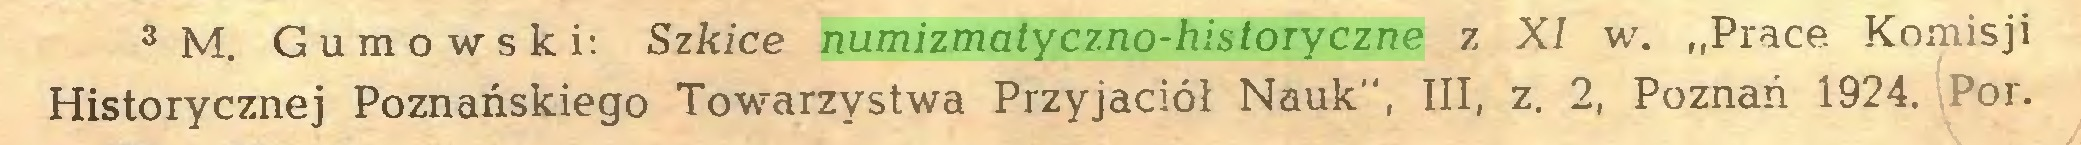 """(...) s m. Gumowski: Szkice numizmatyczno-historyczne z XI w. """"Prace Komisji Historycznej Poznańskiego Towarzystwa Przyjaciół Nauk"""", III, z. 2, Poznań 1924. 3or..."""